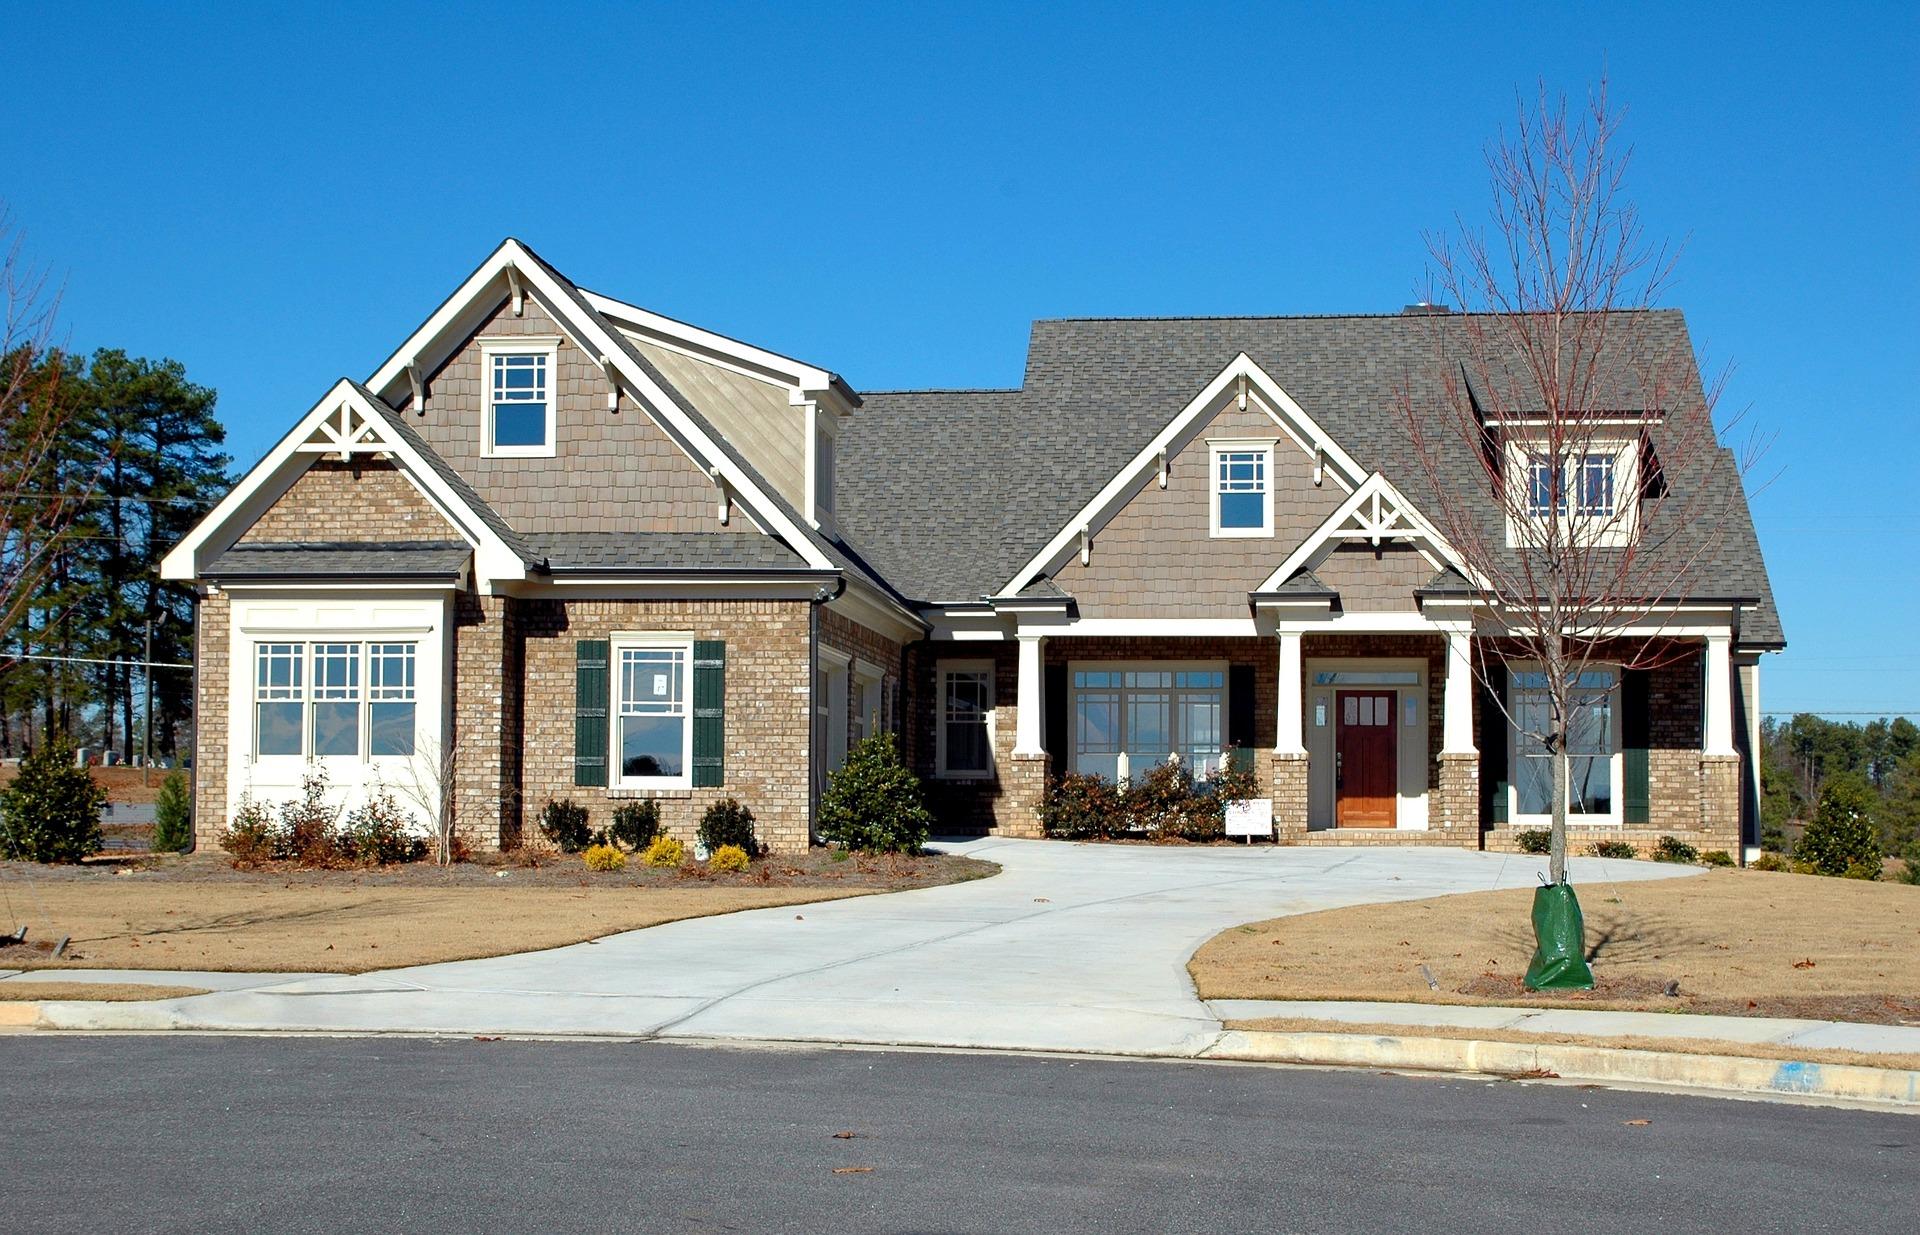 driveway-3088488_1920.jpg